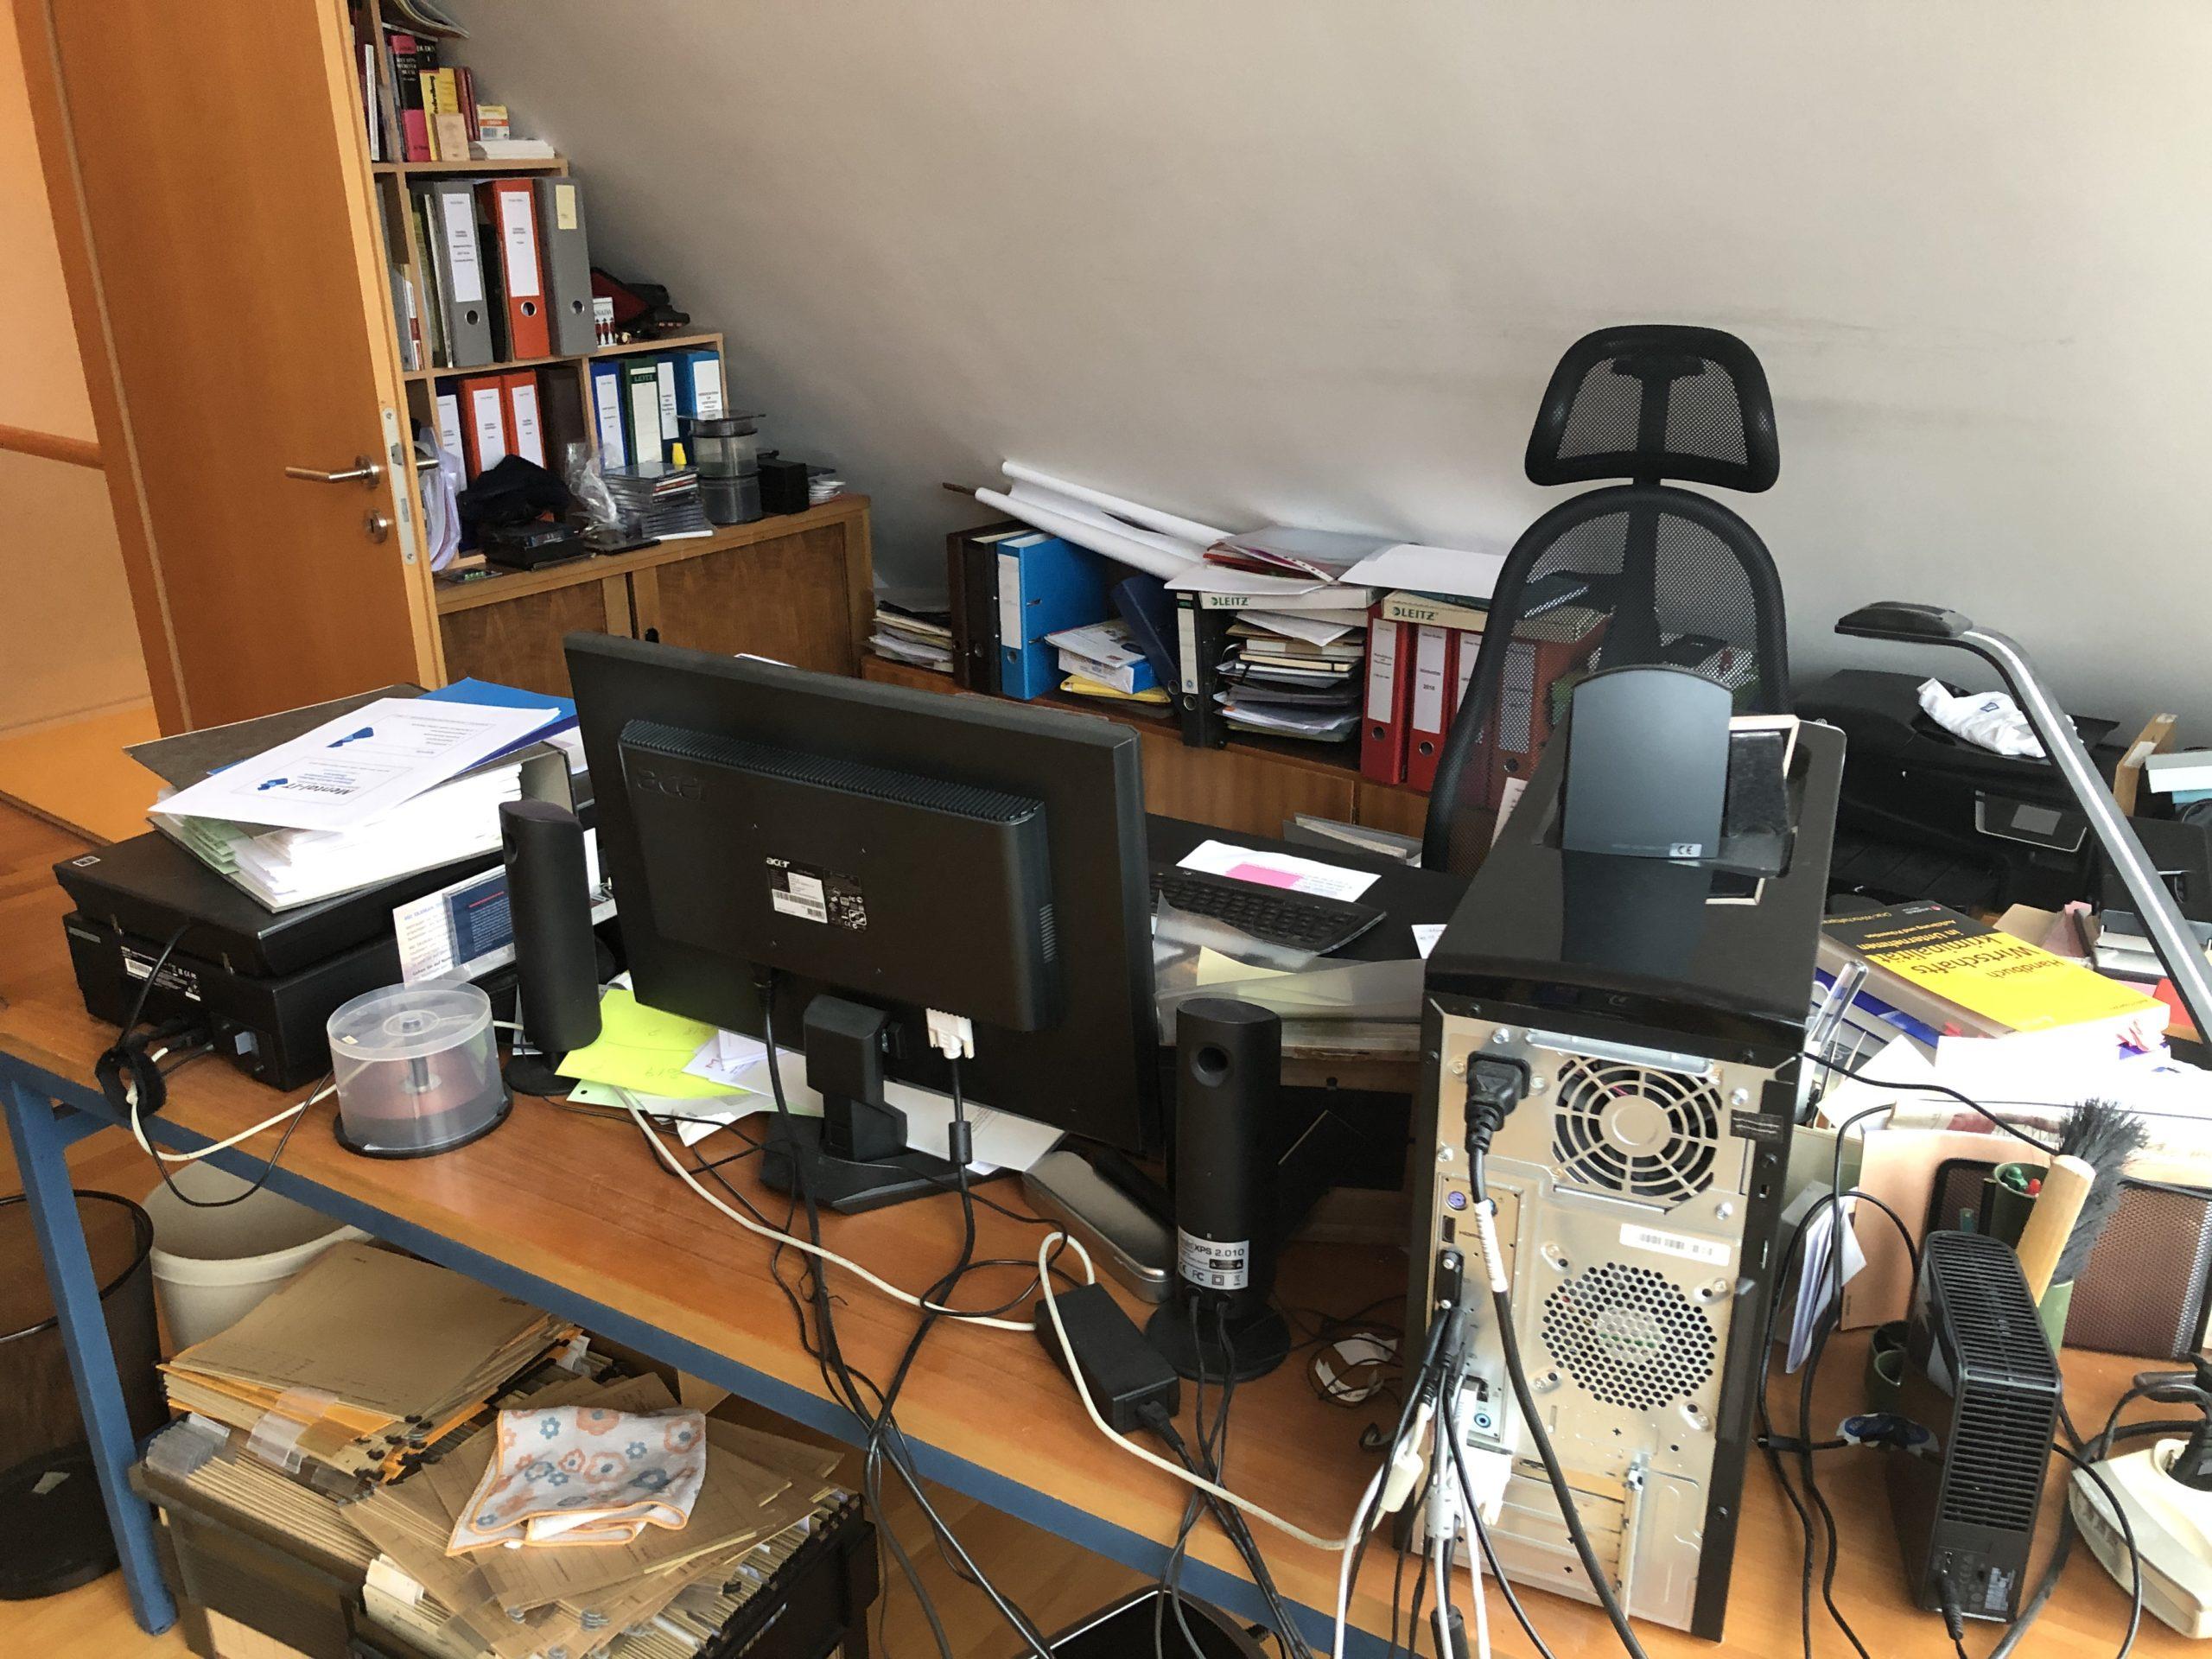 www.ideenraumgeben.de-umgestaltung-eines-grossen-home-office-mit-toller-aussicht-buero-vor-gestaltung-scaled